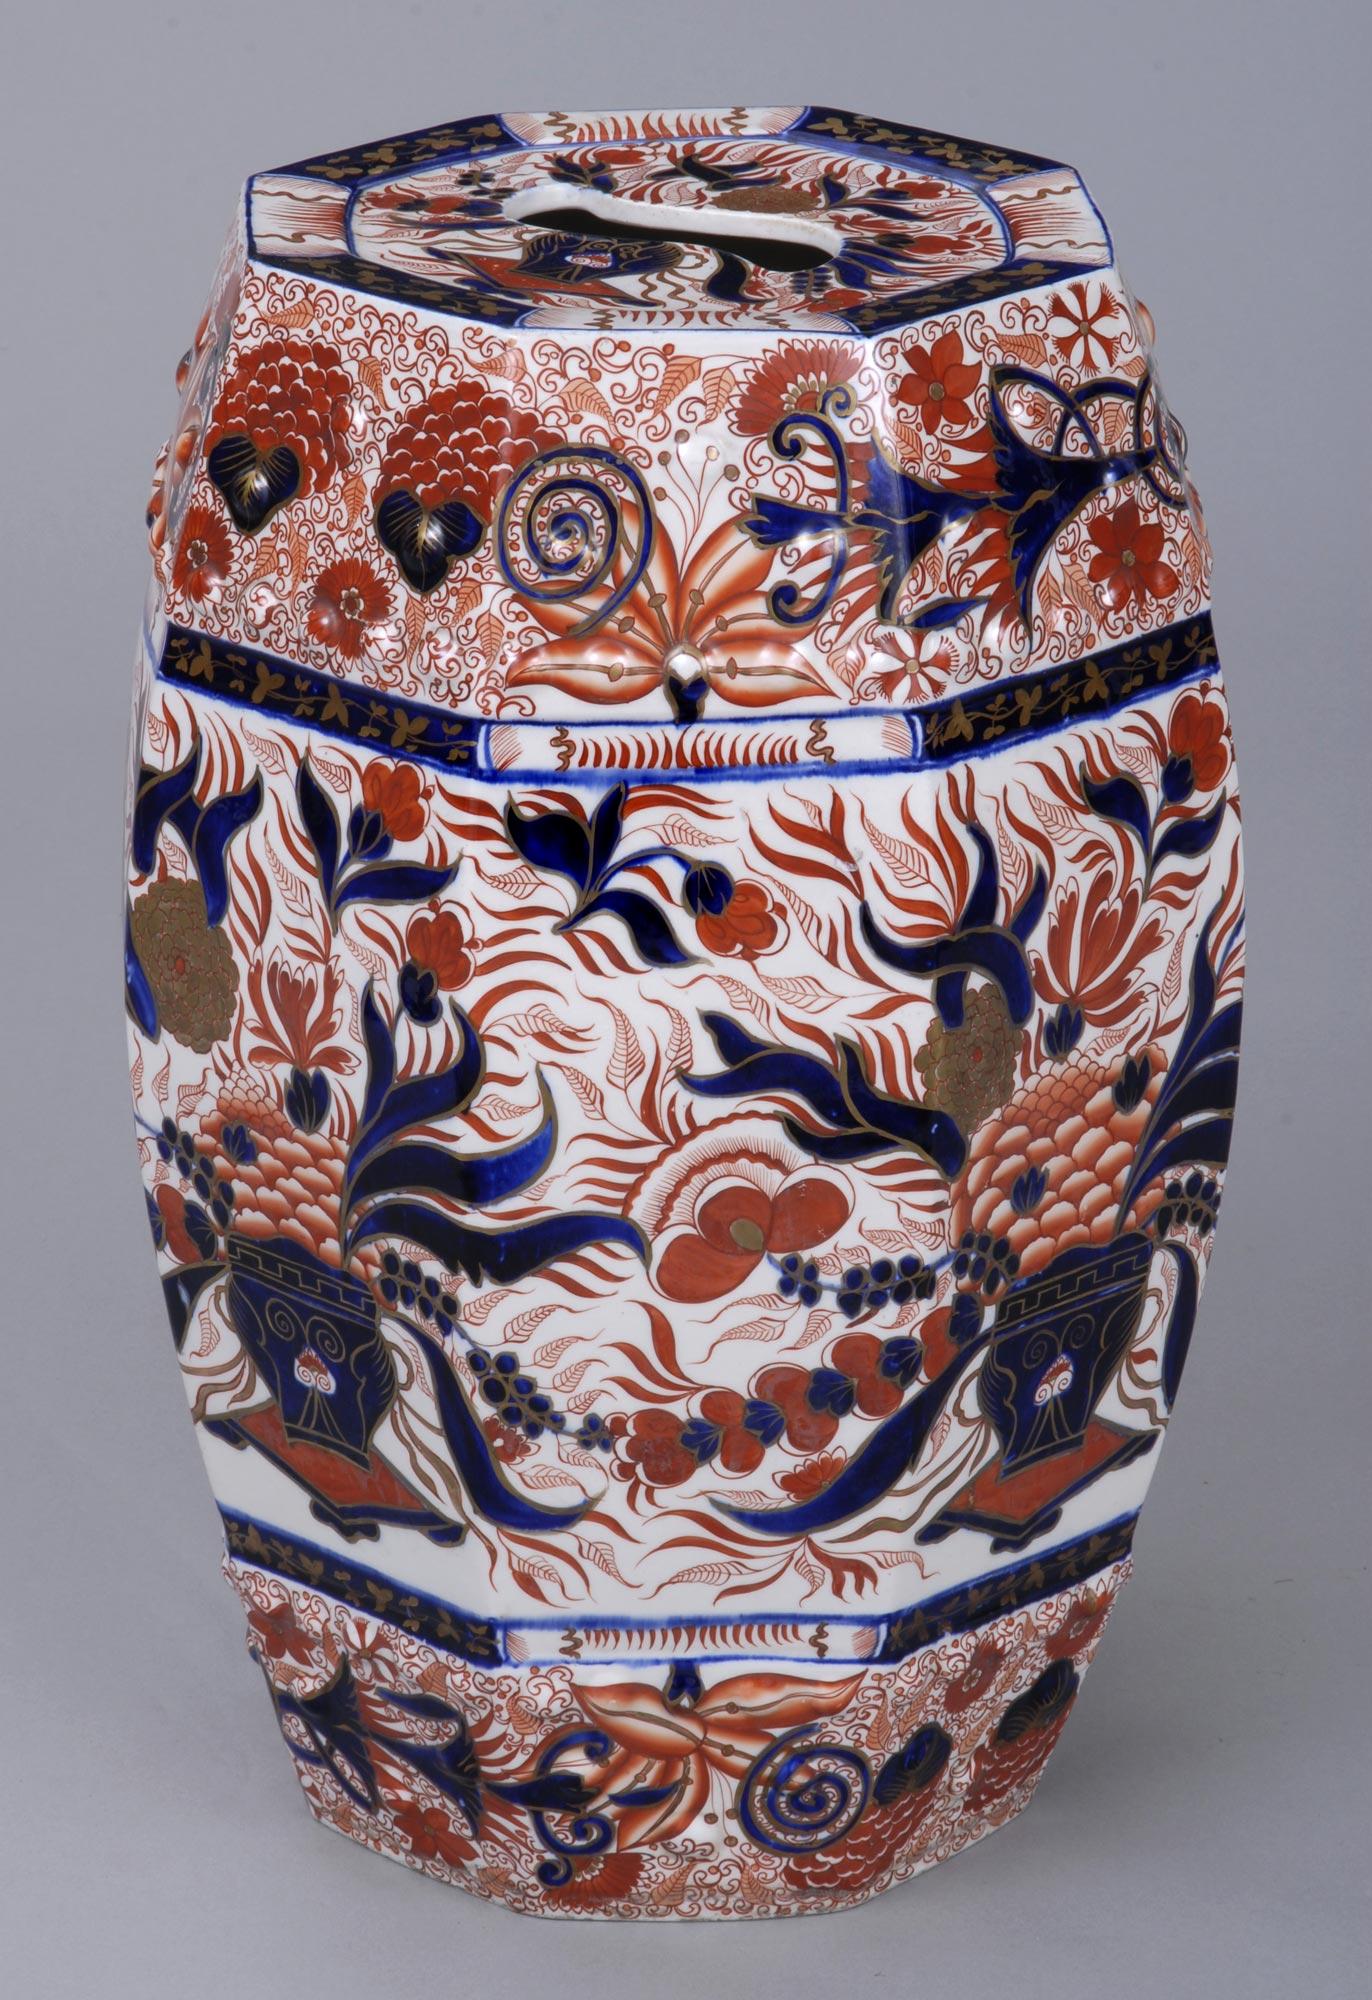 187 Product 187 Stone China Imari Garden Seat